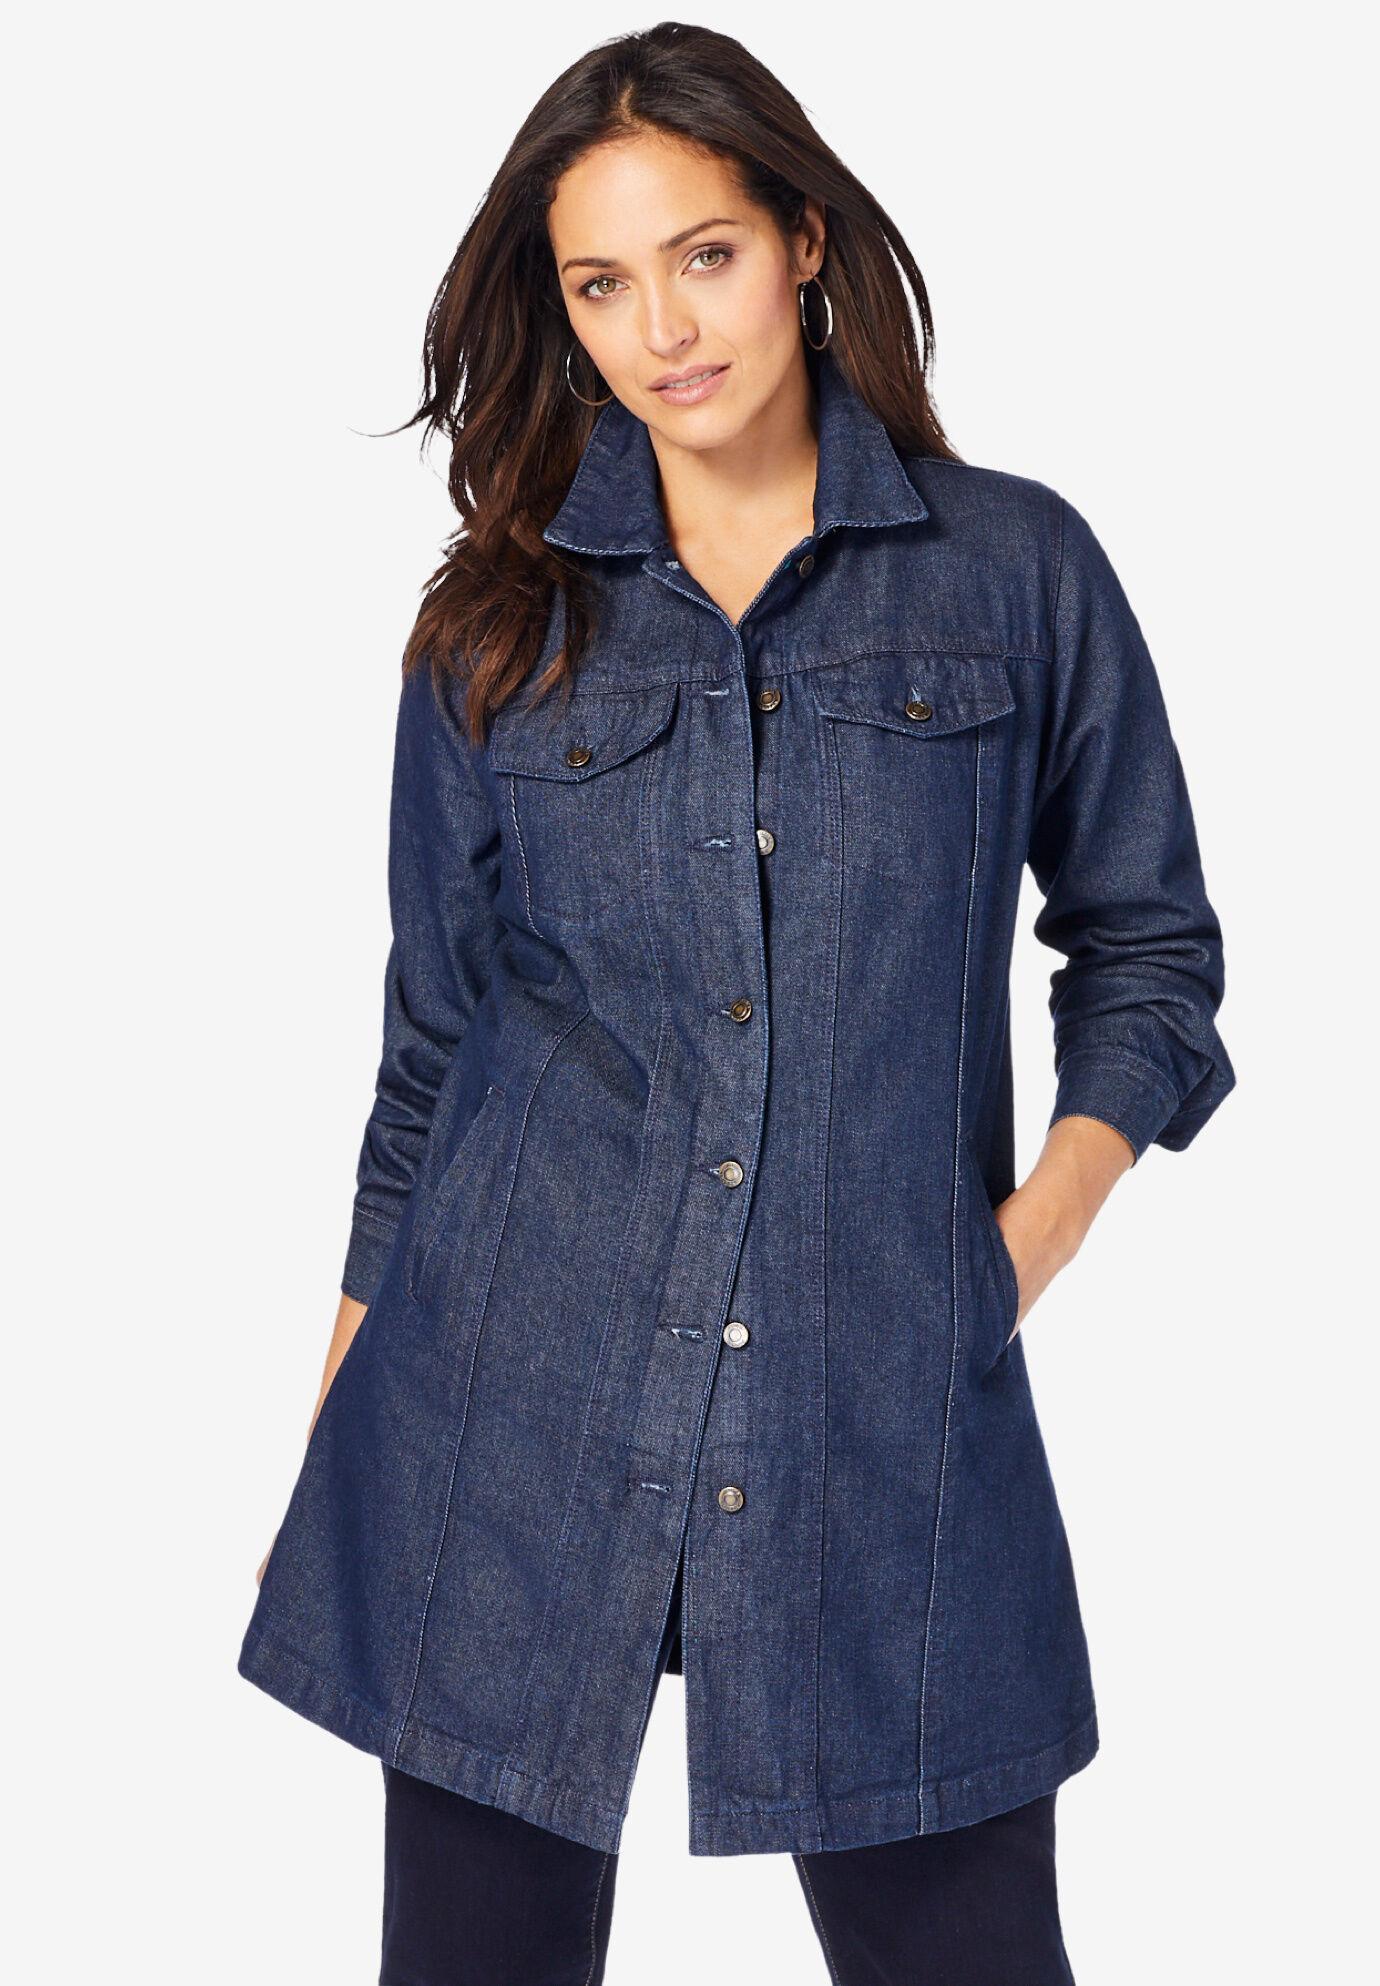 Roamans Womens Plus Size Long Denim Jacket